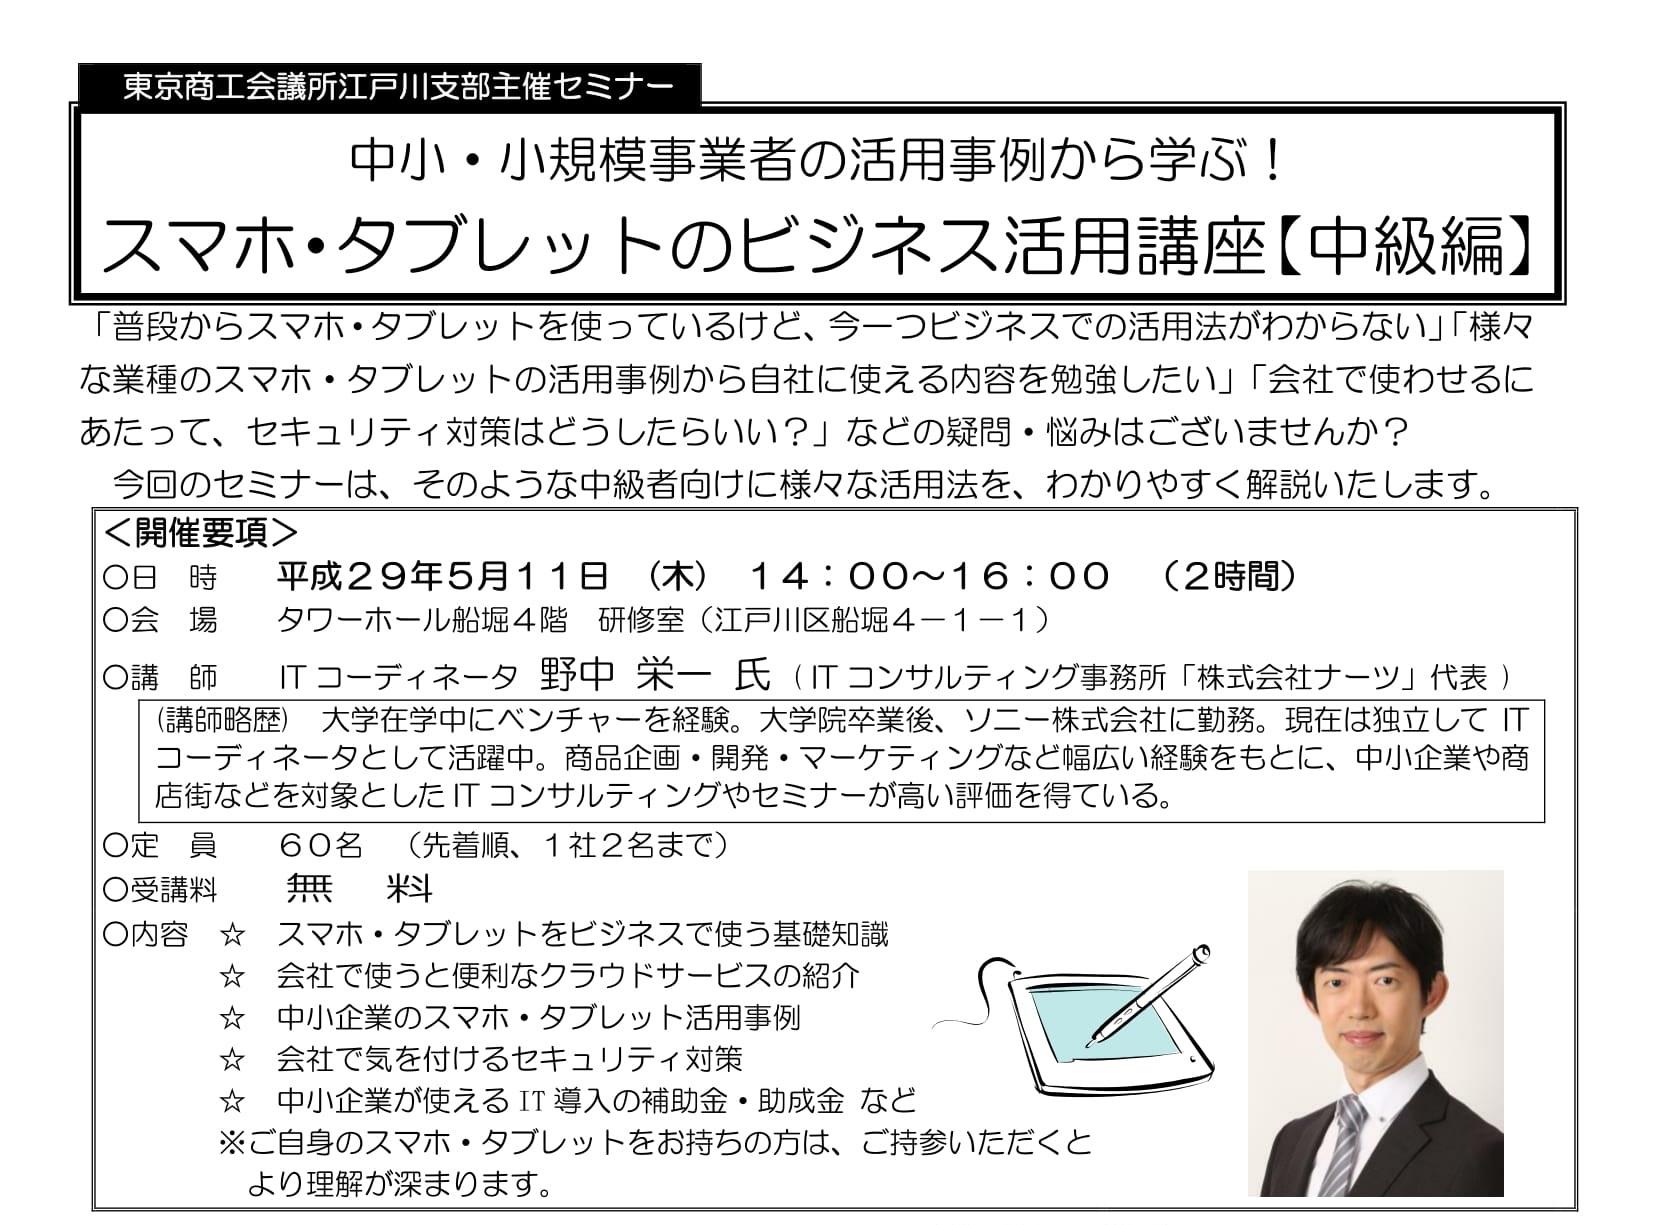 東京商工会議所江戸川支部セミナー